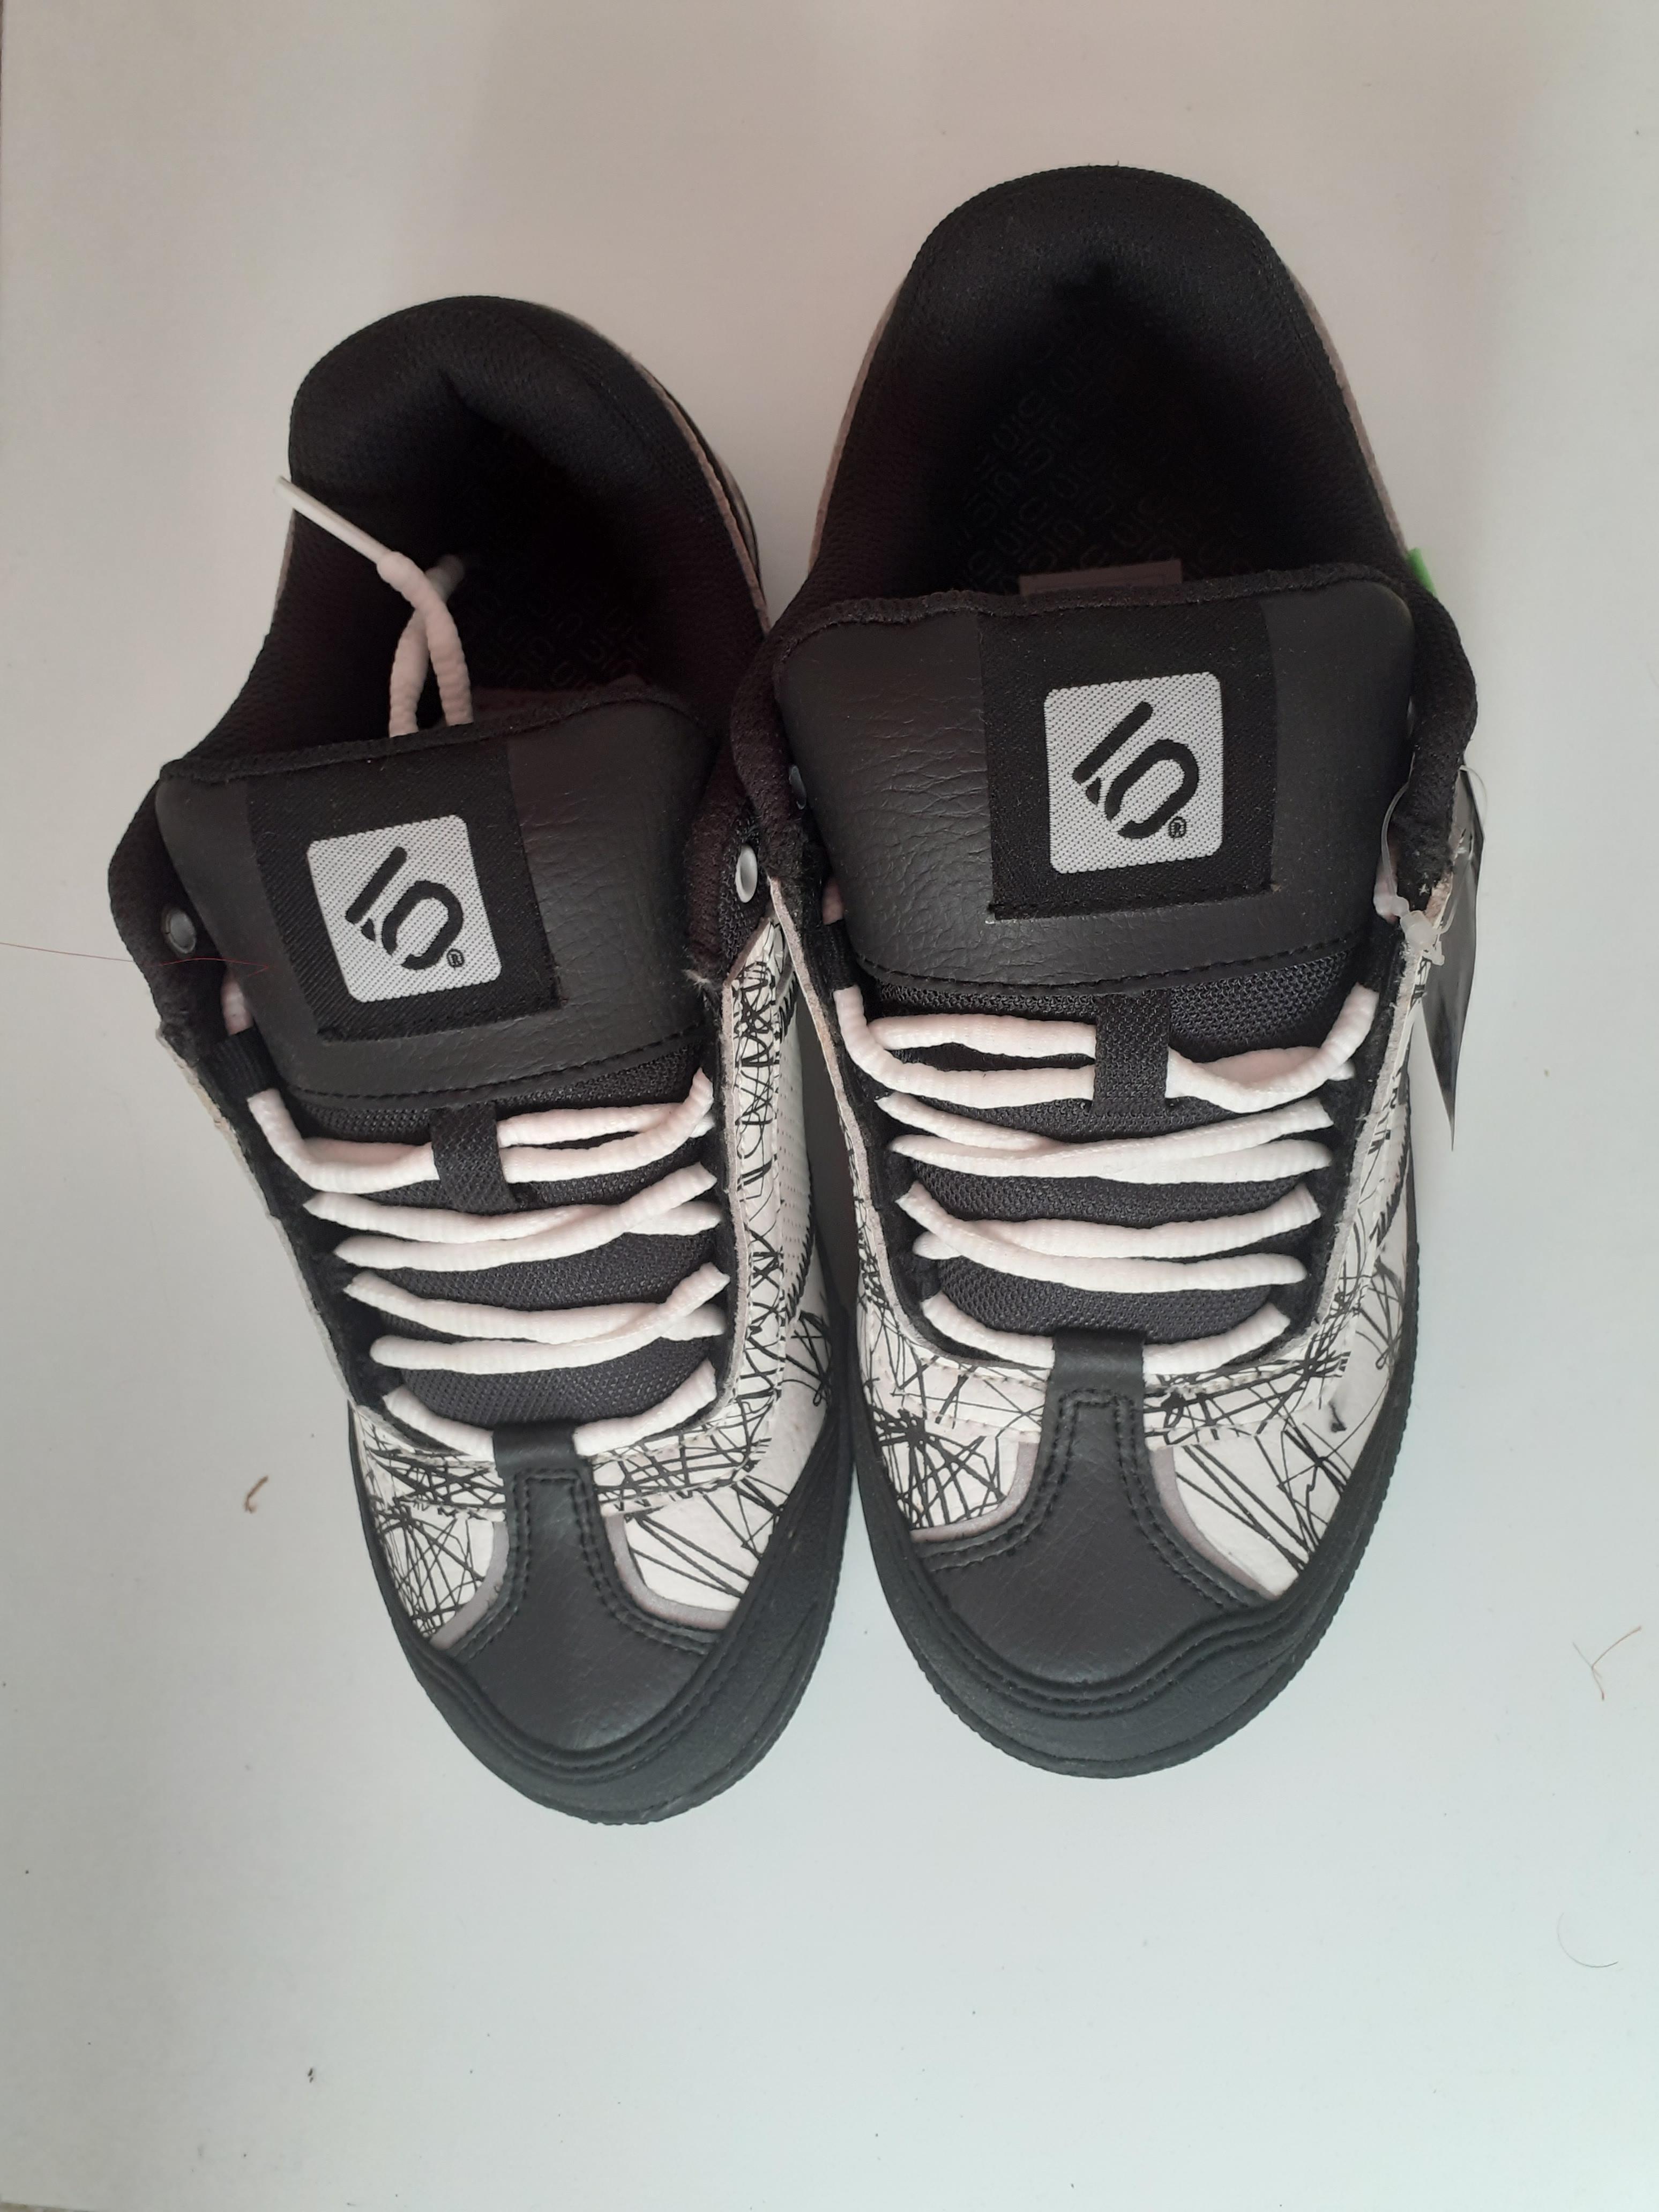 troc de troc chaussures urbain style 39 image 1